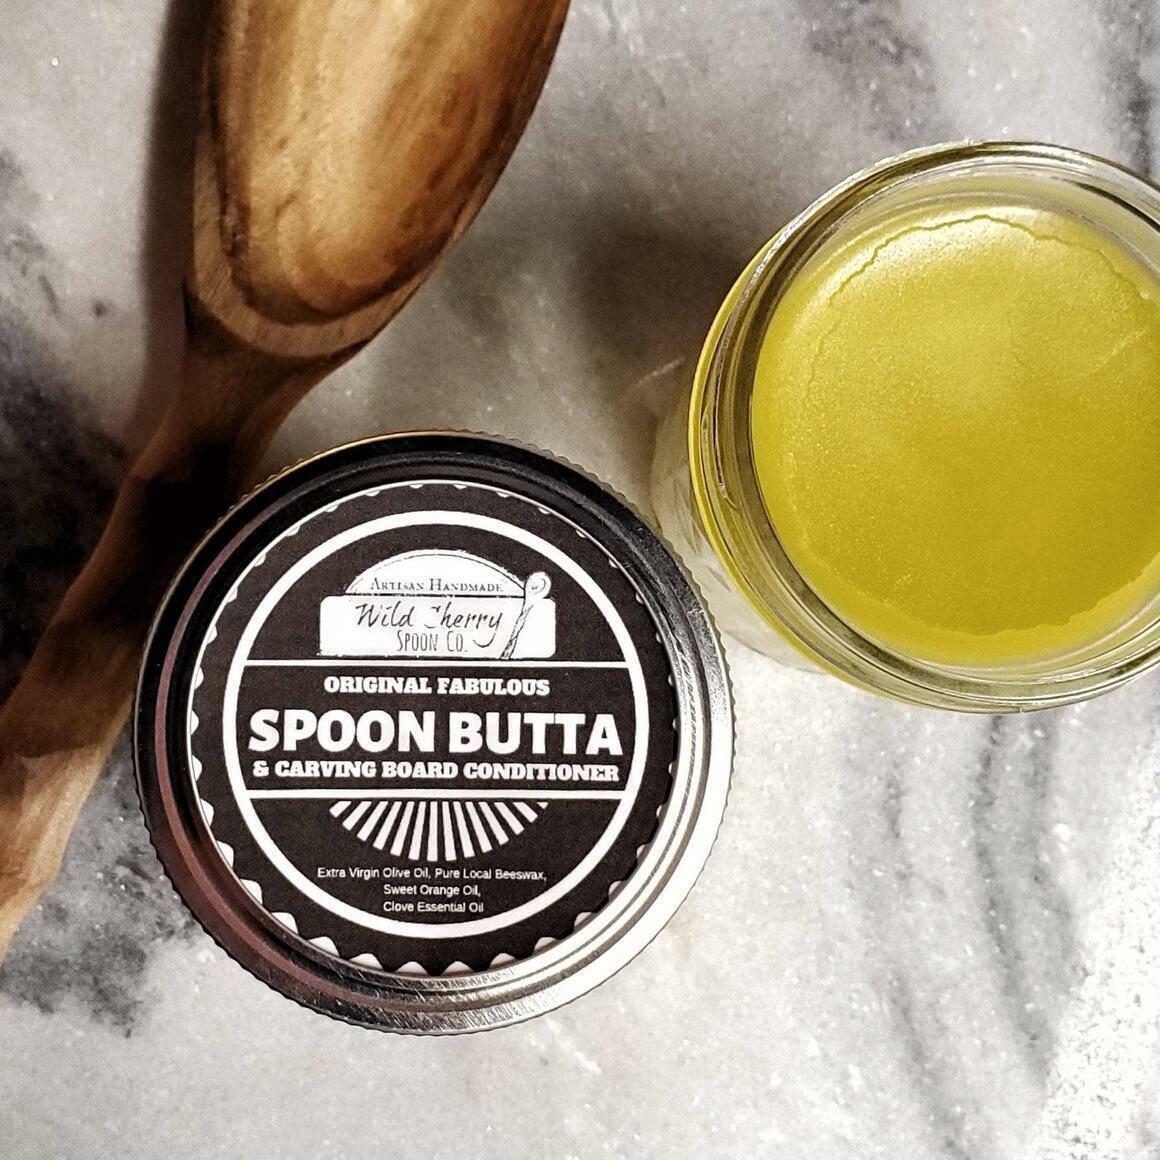 Spoon Butta & Carving Board Conditioner | Trada Marketplace